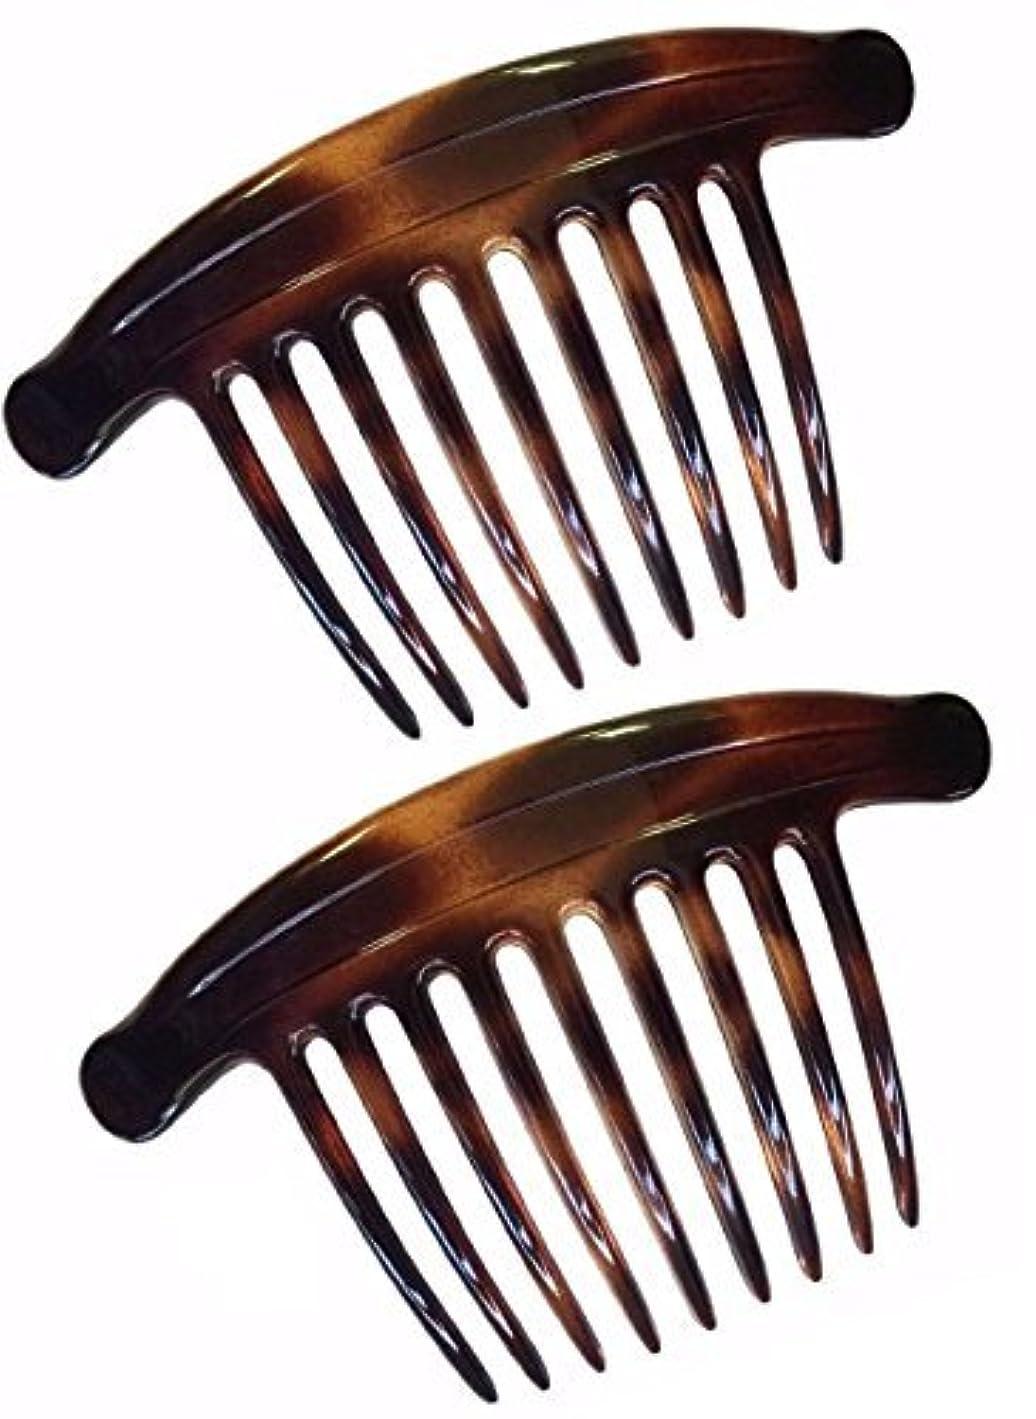 イヤホン名前誘惑Parcelona French Lip Interlocking 9 Teeth 4.5 Inch Large Cellulose Tortoise Shell Side Hair Combs [並行輸入品]